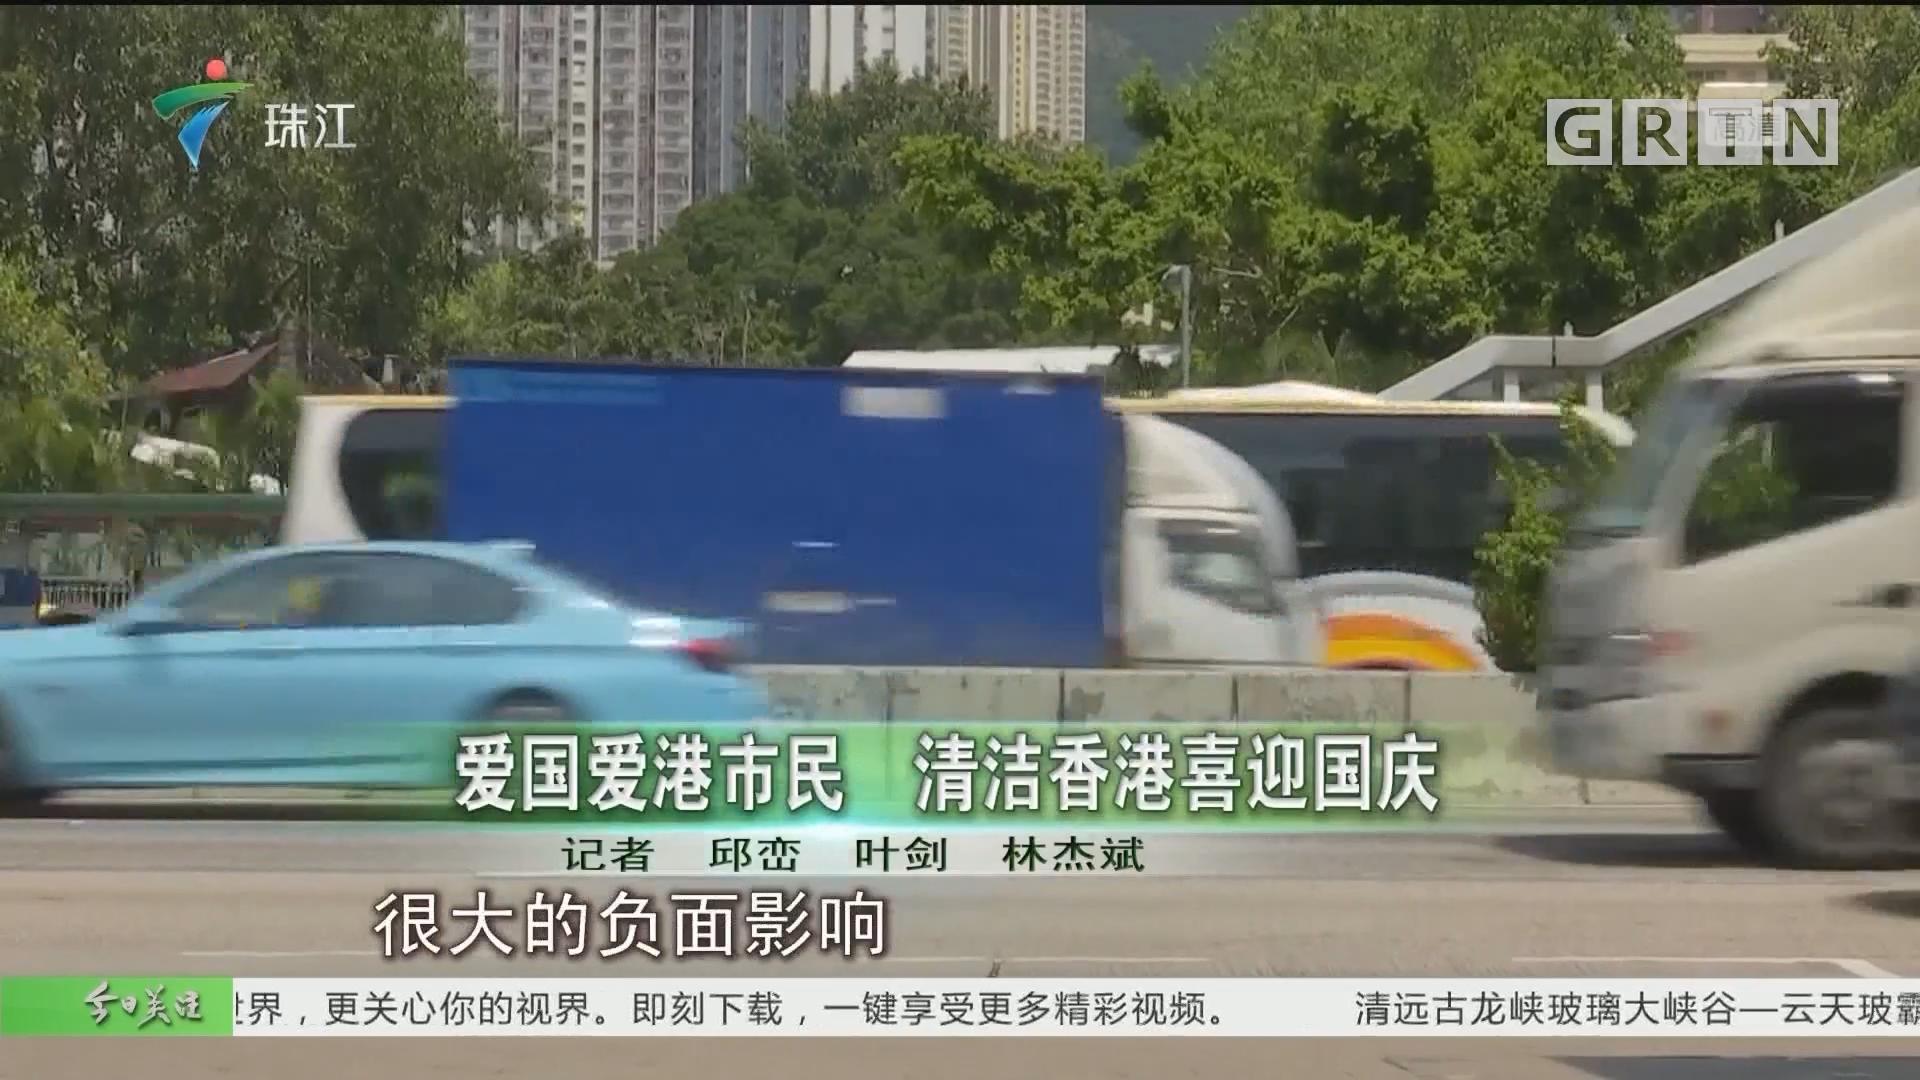 爱国爱港市民 清洁香港喜迎国庆